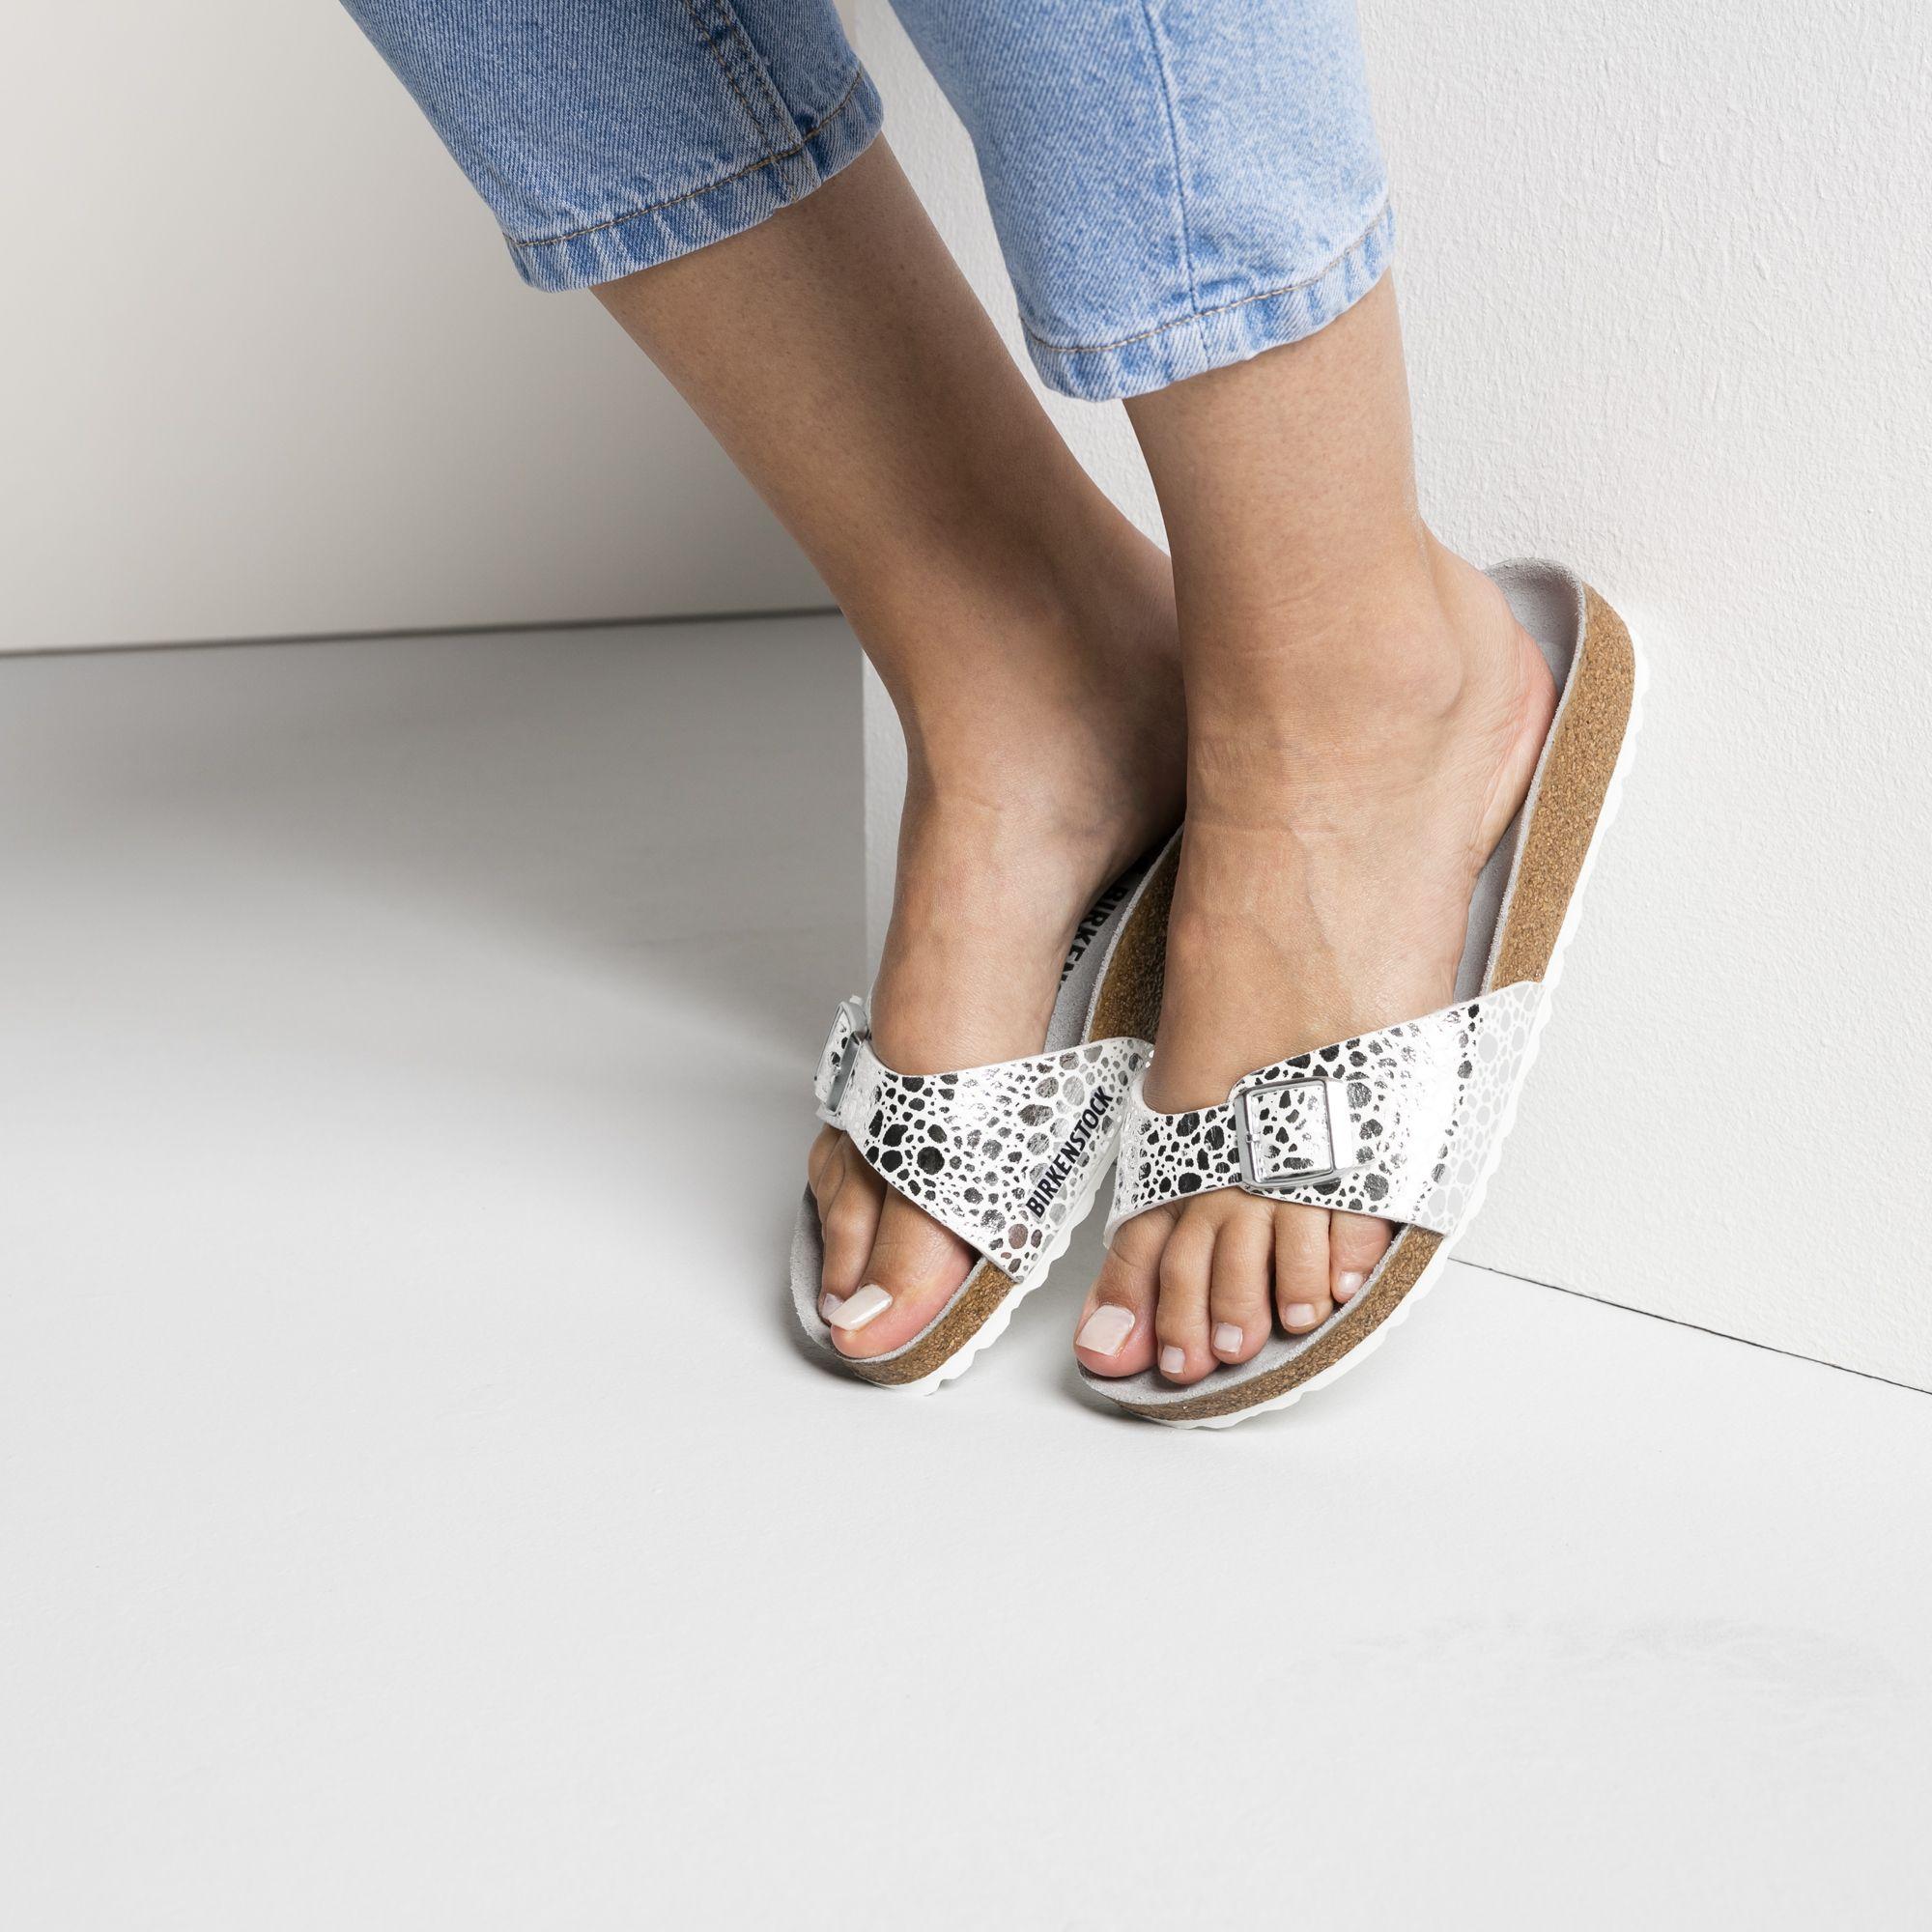 a49e49d4ba15 Madrid Birko-Flor Metallic Stones Silver